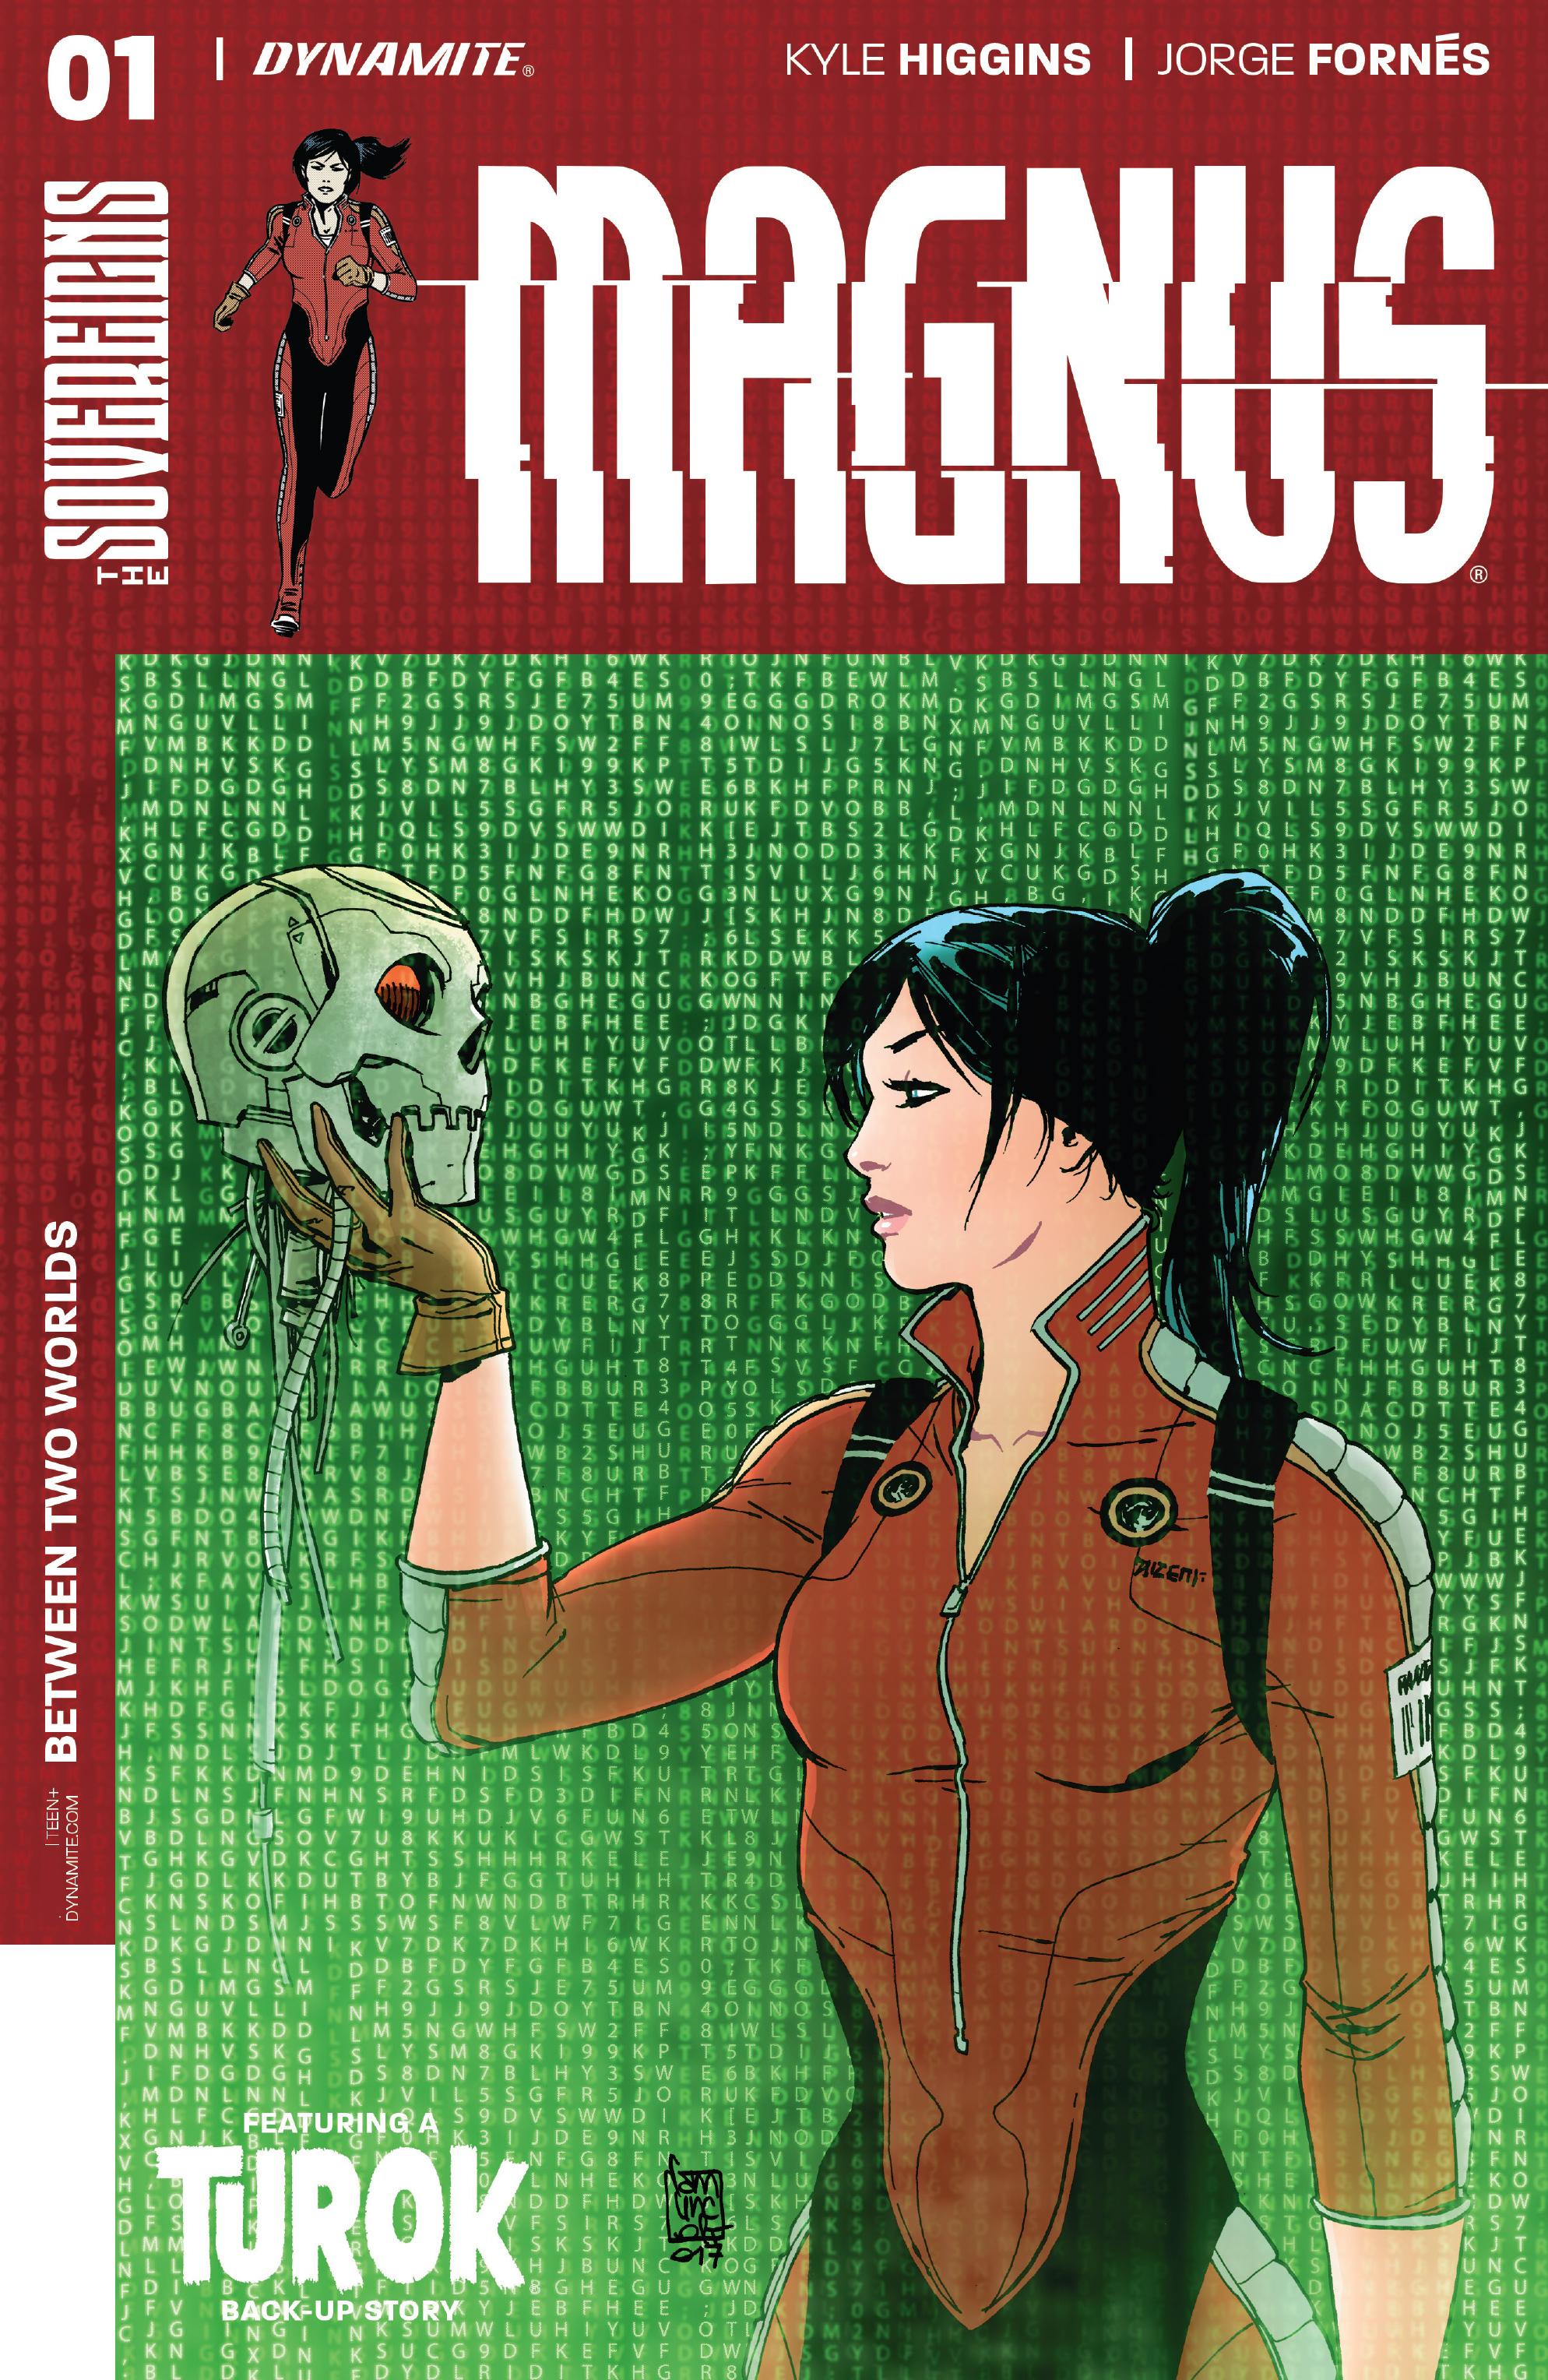 Read online Magnus comic -  Issue #1 - 1